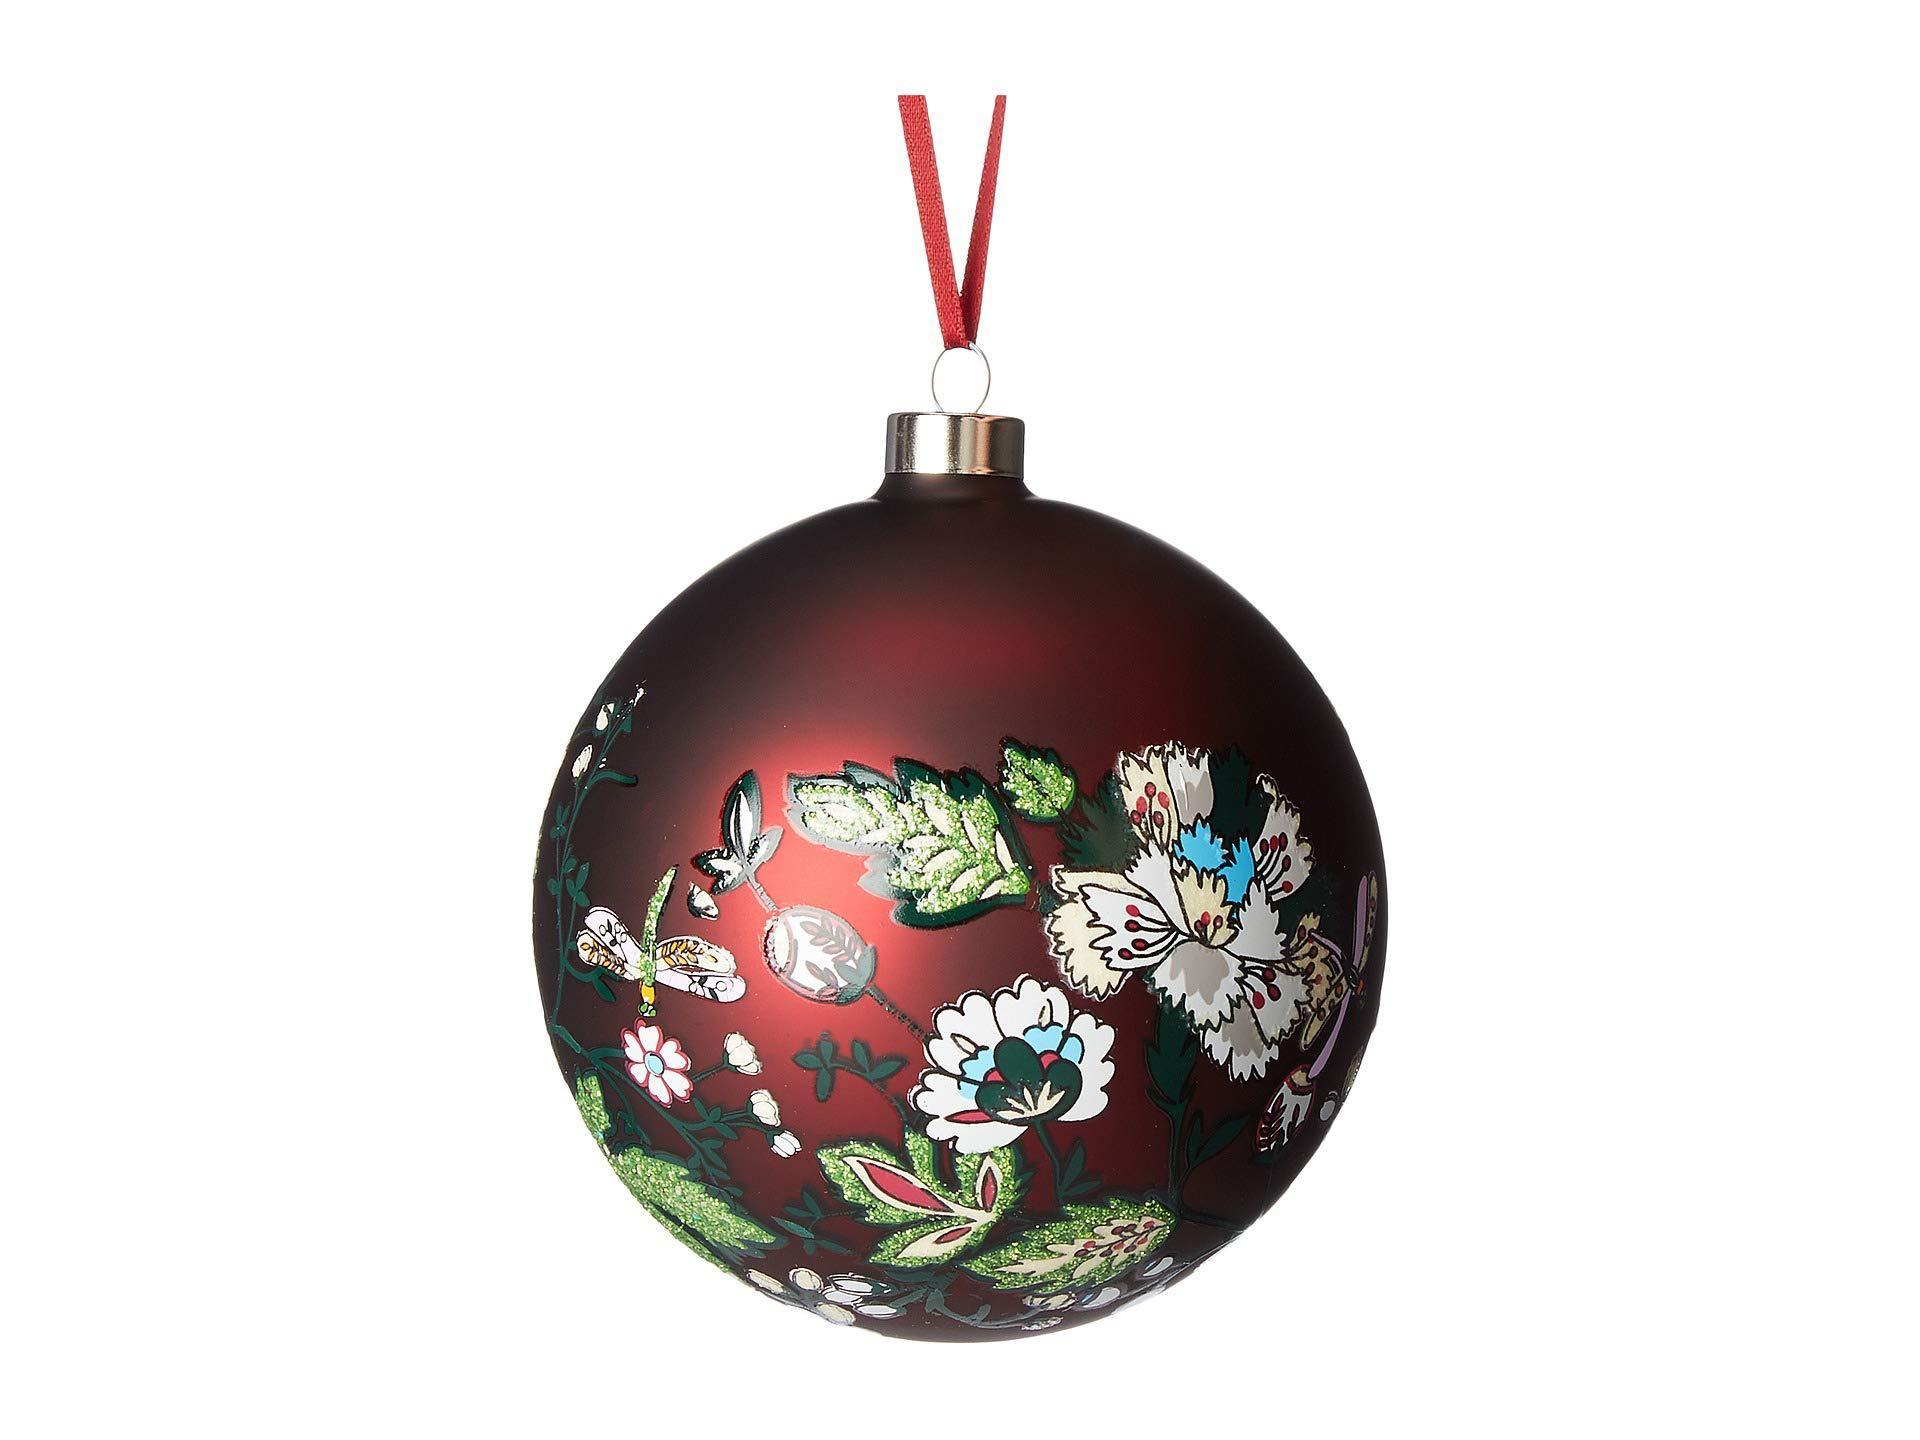 Vera Bradley Christmas Ornaments